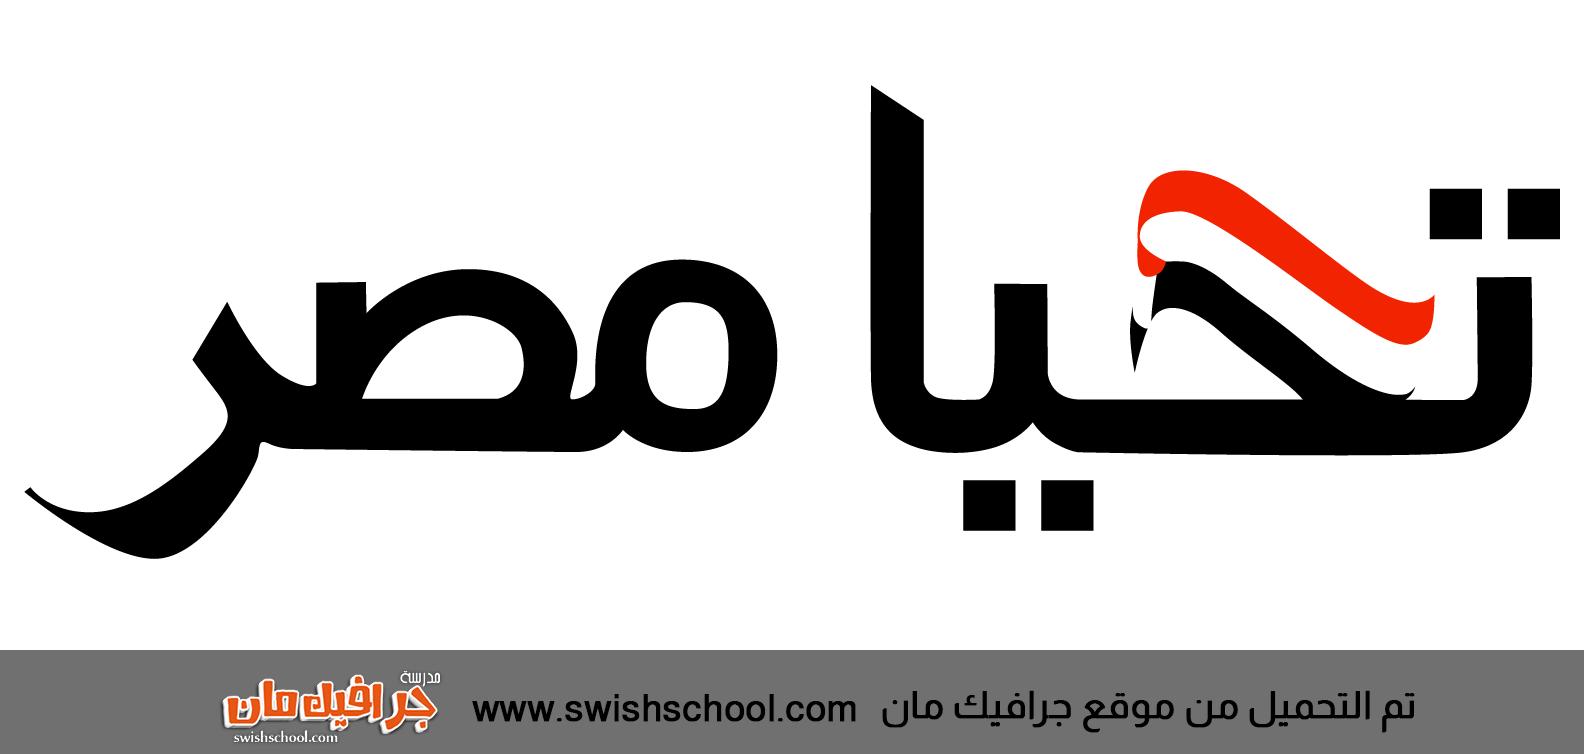 تحيا مصر تصاميم حمله تأييد السيسي   تحيا مصر